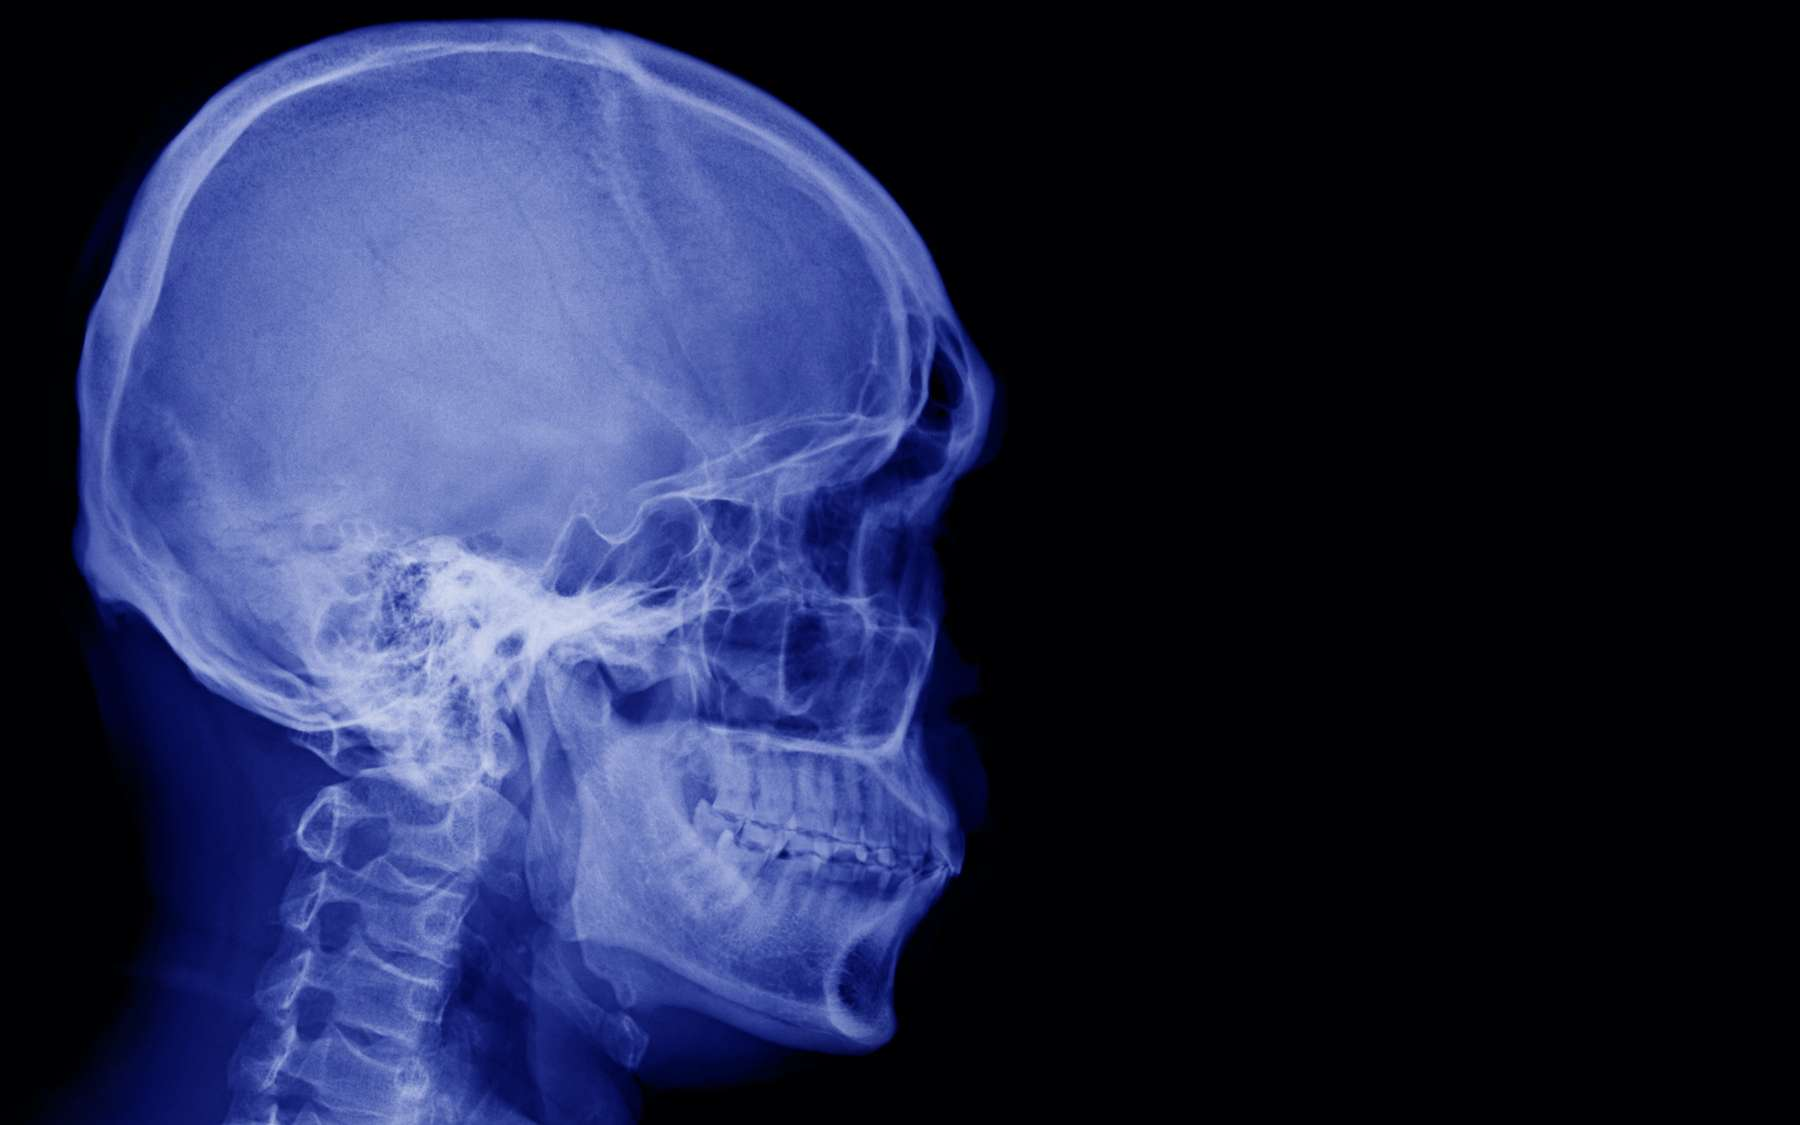 Une technique d'imagerie a permis de révéler un organe précédemment inconnu dans le crâne. © Choo, Adobe Stock